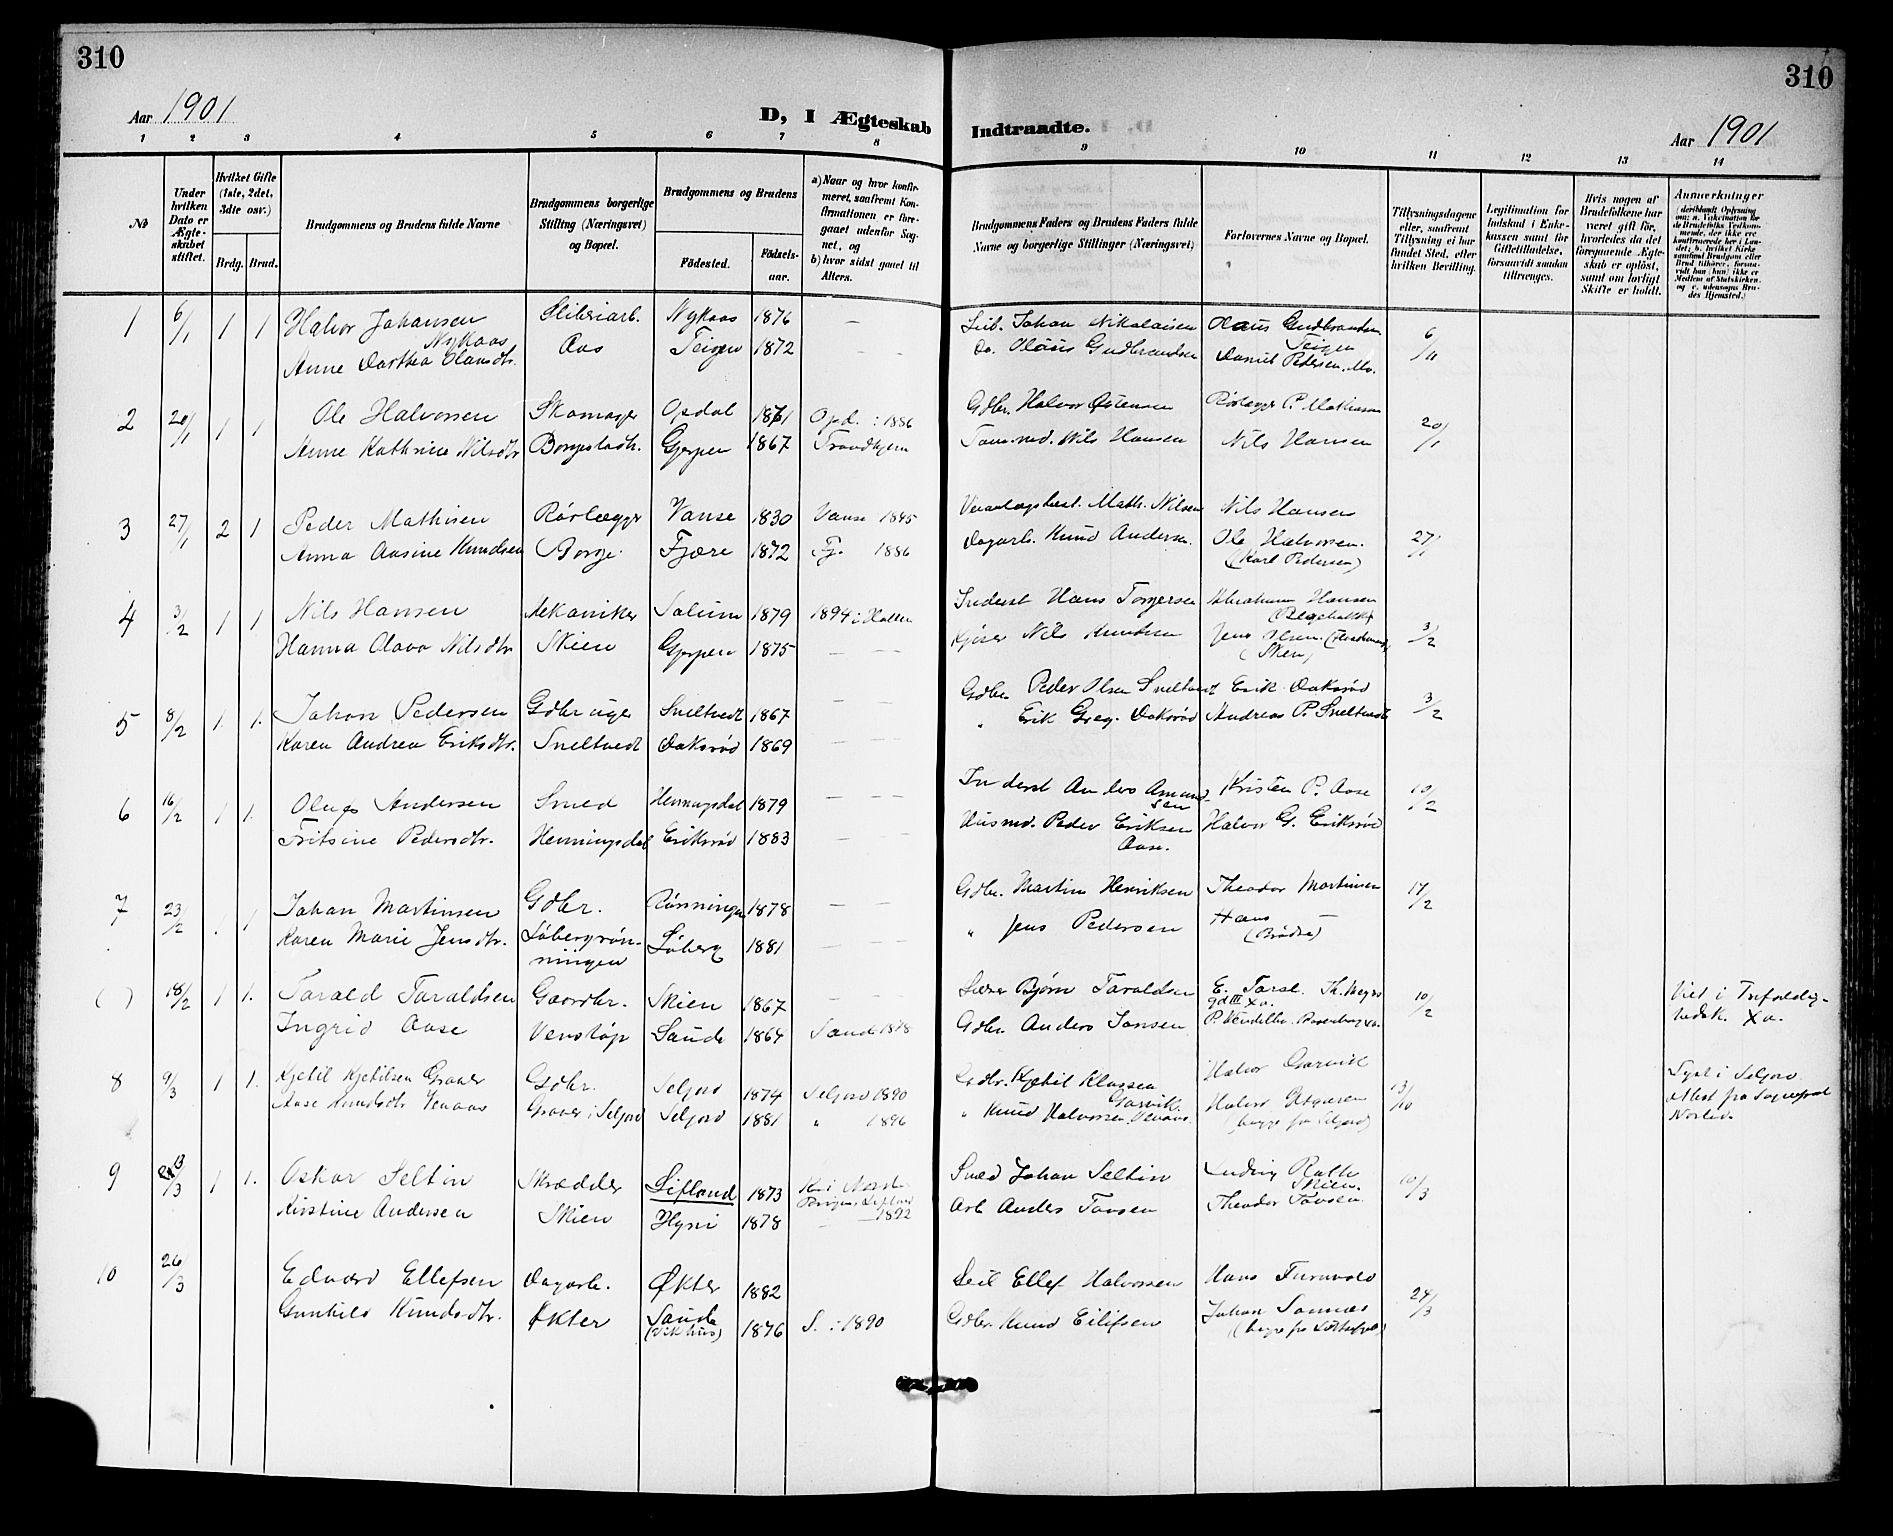 SAKO, Gjerpen kirkebøker, G/Ga/L0003: Klokkerbok nr. I 3, 1901-1919, s. 310